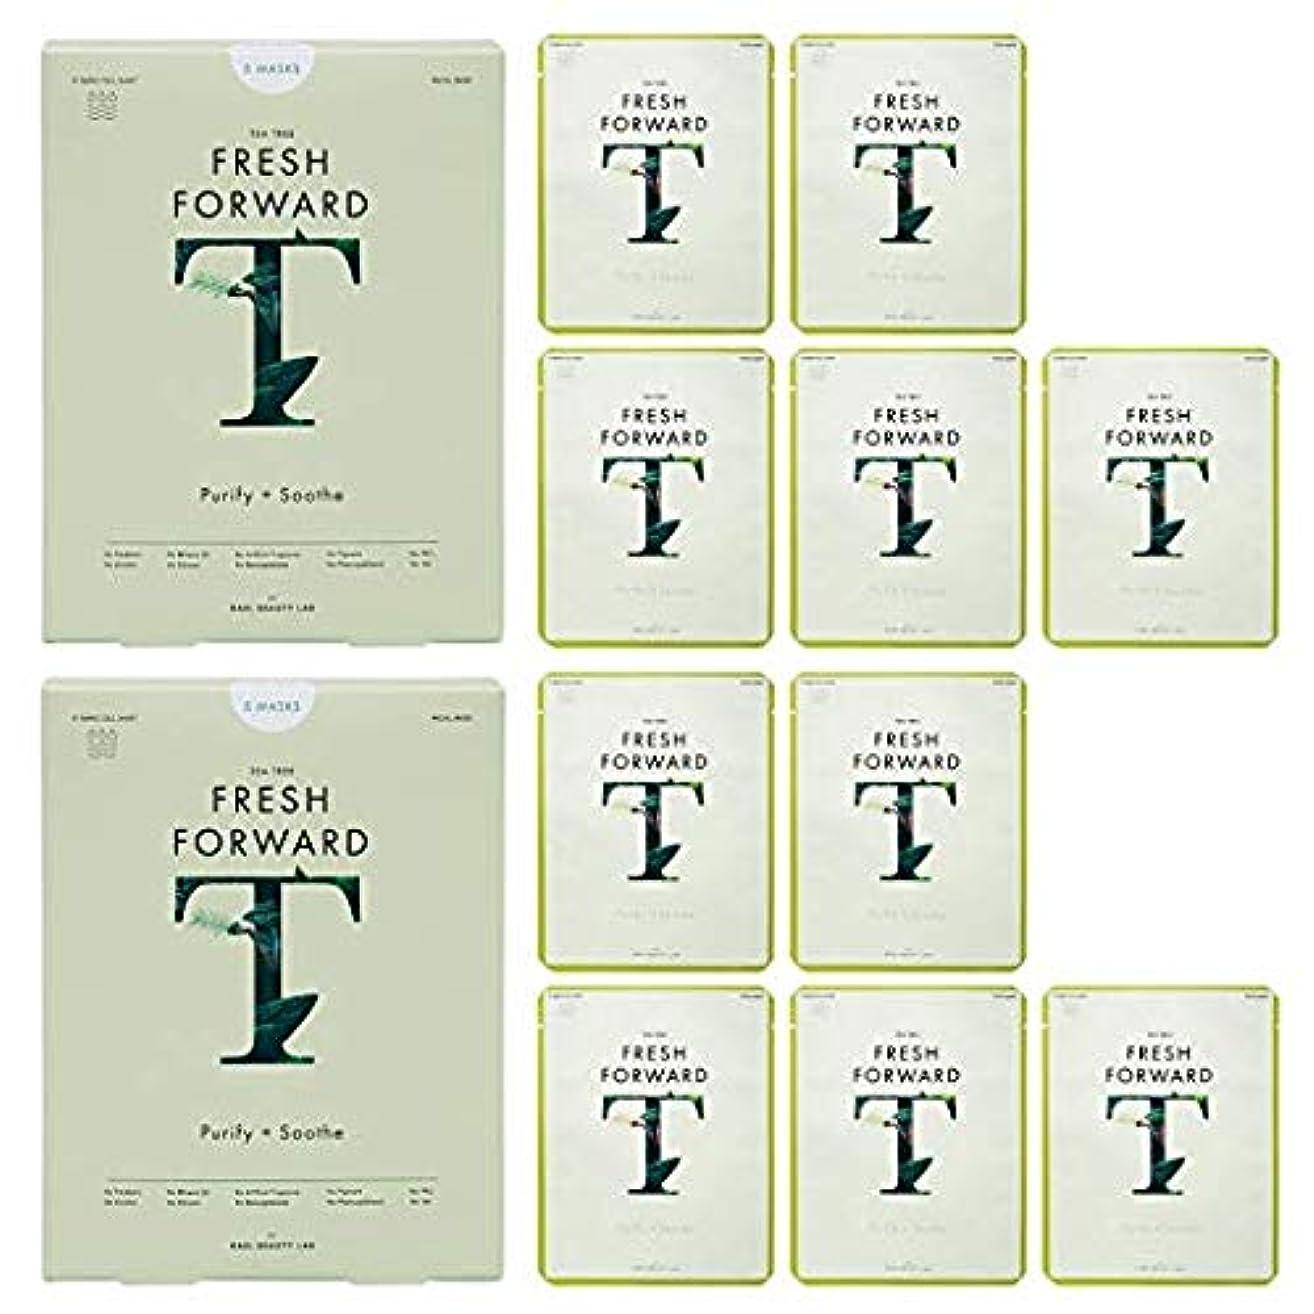 直接むしろ引退するRael ティーツリー フェイスマスクパック5個入 x 2 (10個) [並行輸入品]